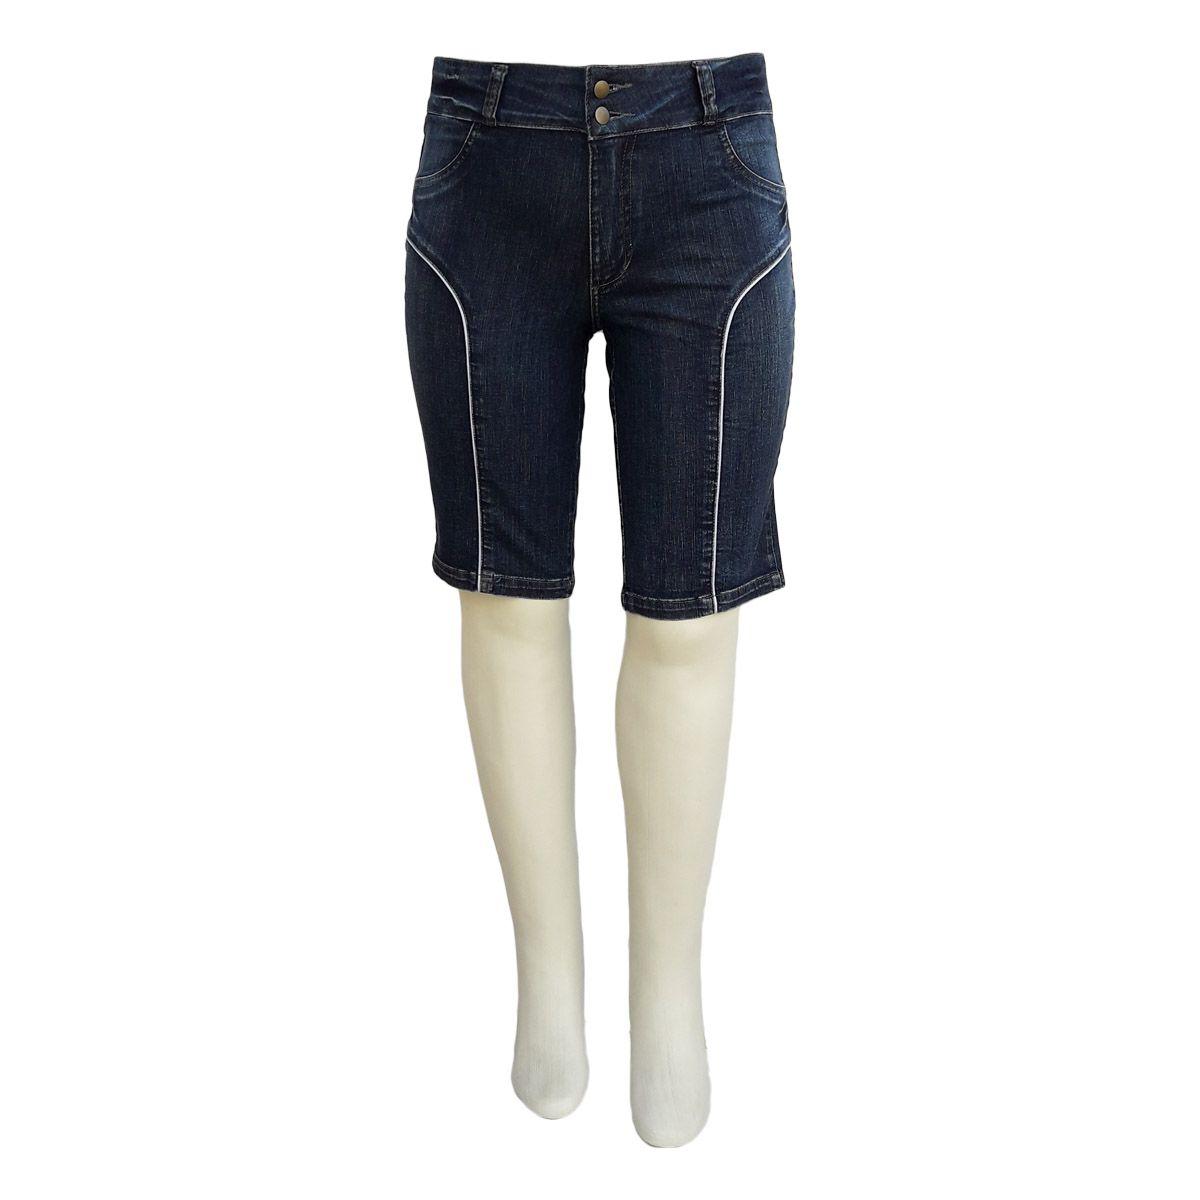 Bermuda Jeans Feminina Ciclista Cintura Alta Plus Size